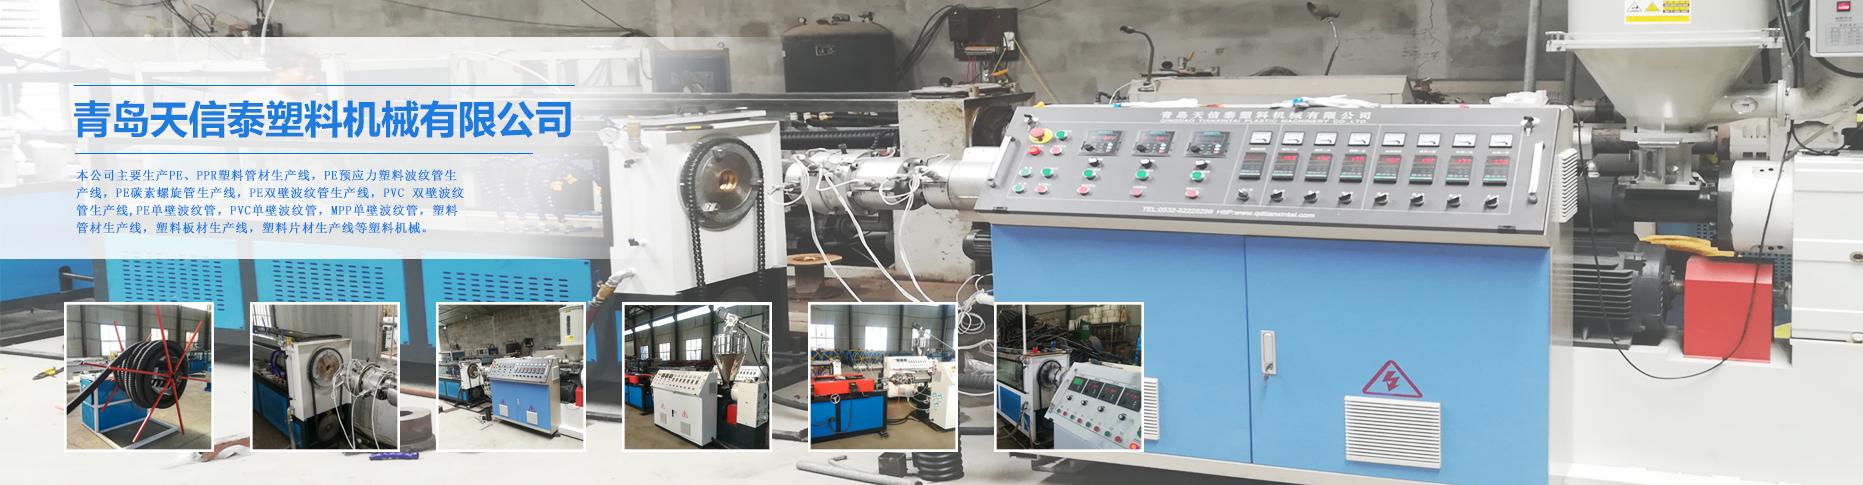 碳素螺旋管生产设备